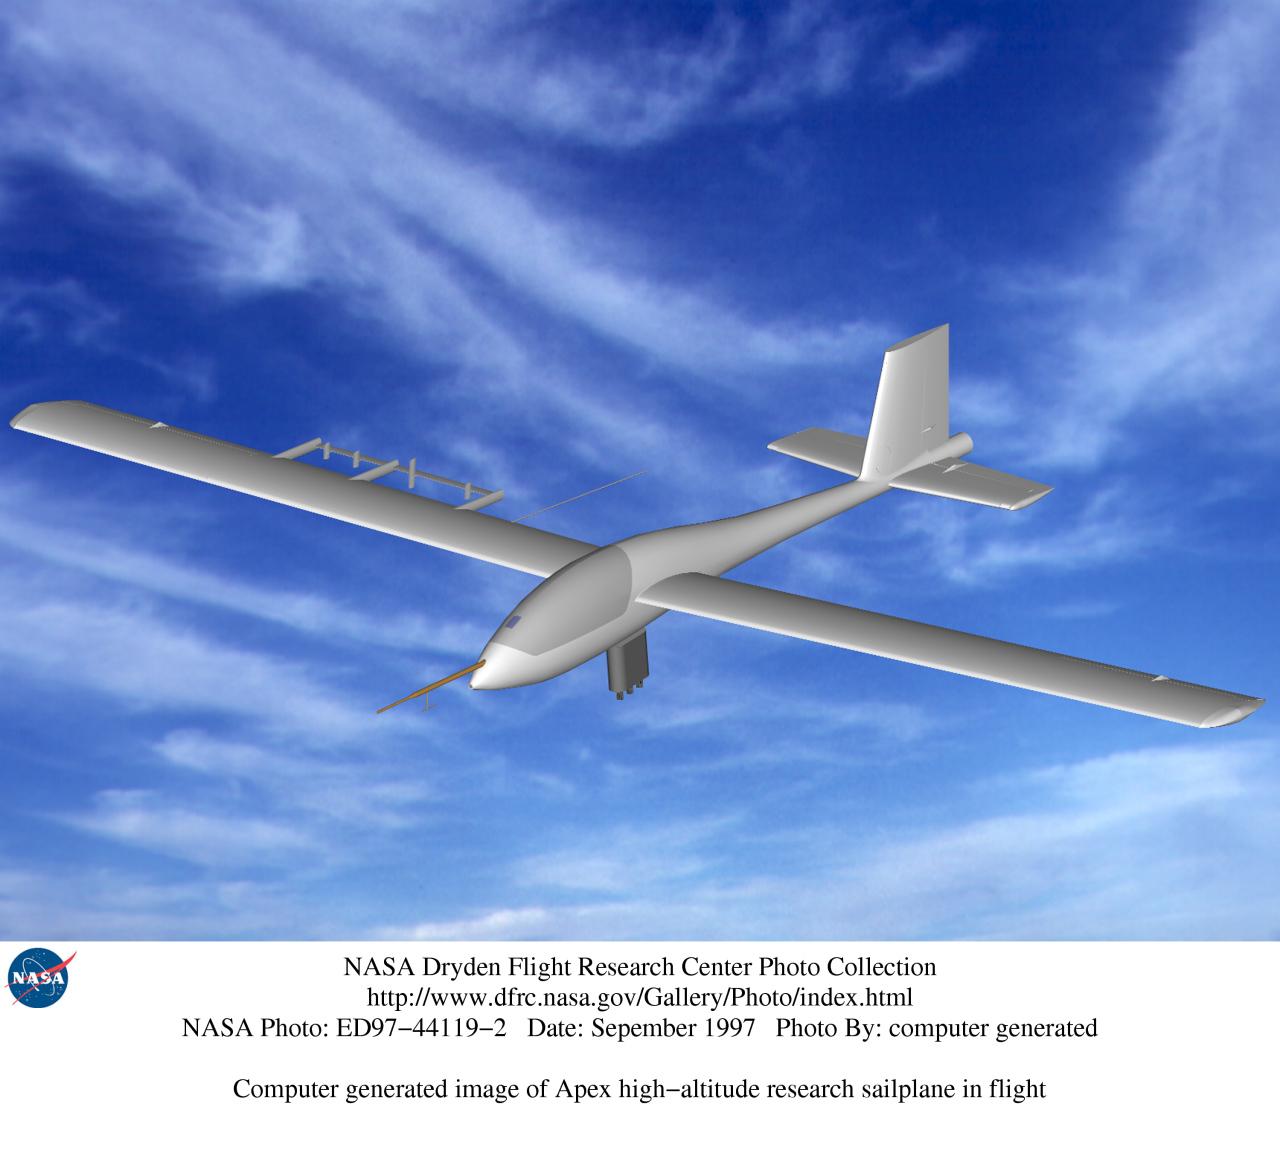 nasa high altitude aircraft - photo #25